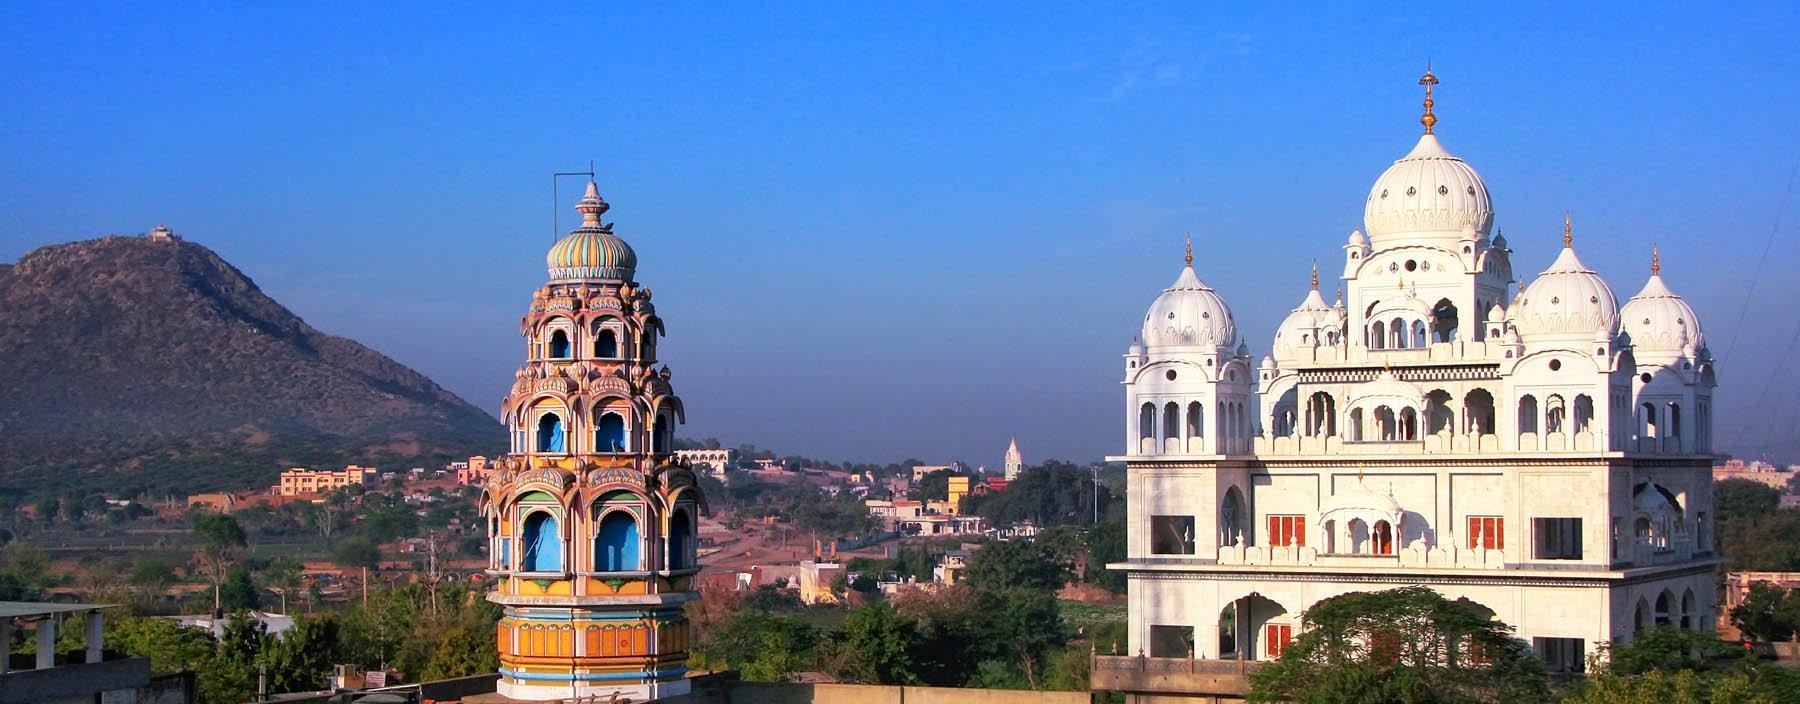 india, pushkar, gurudwara temple.jpg